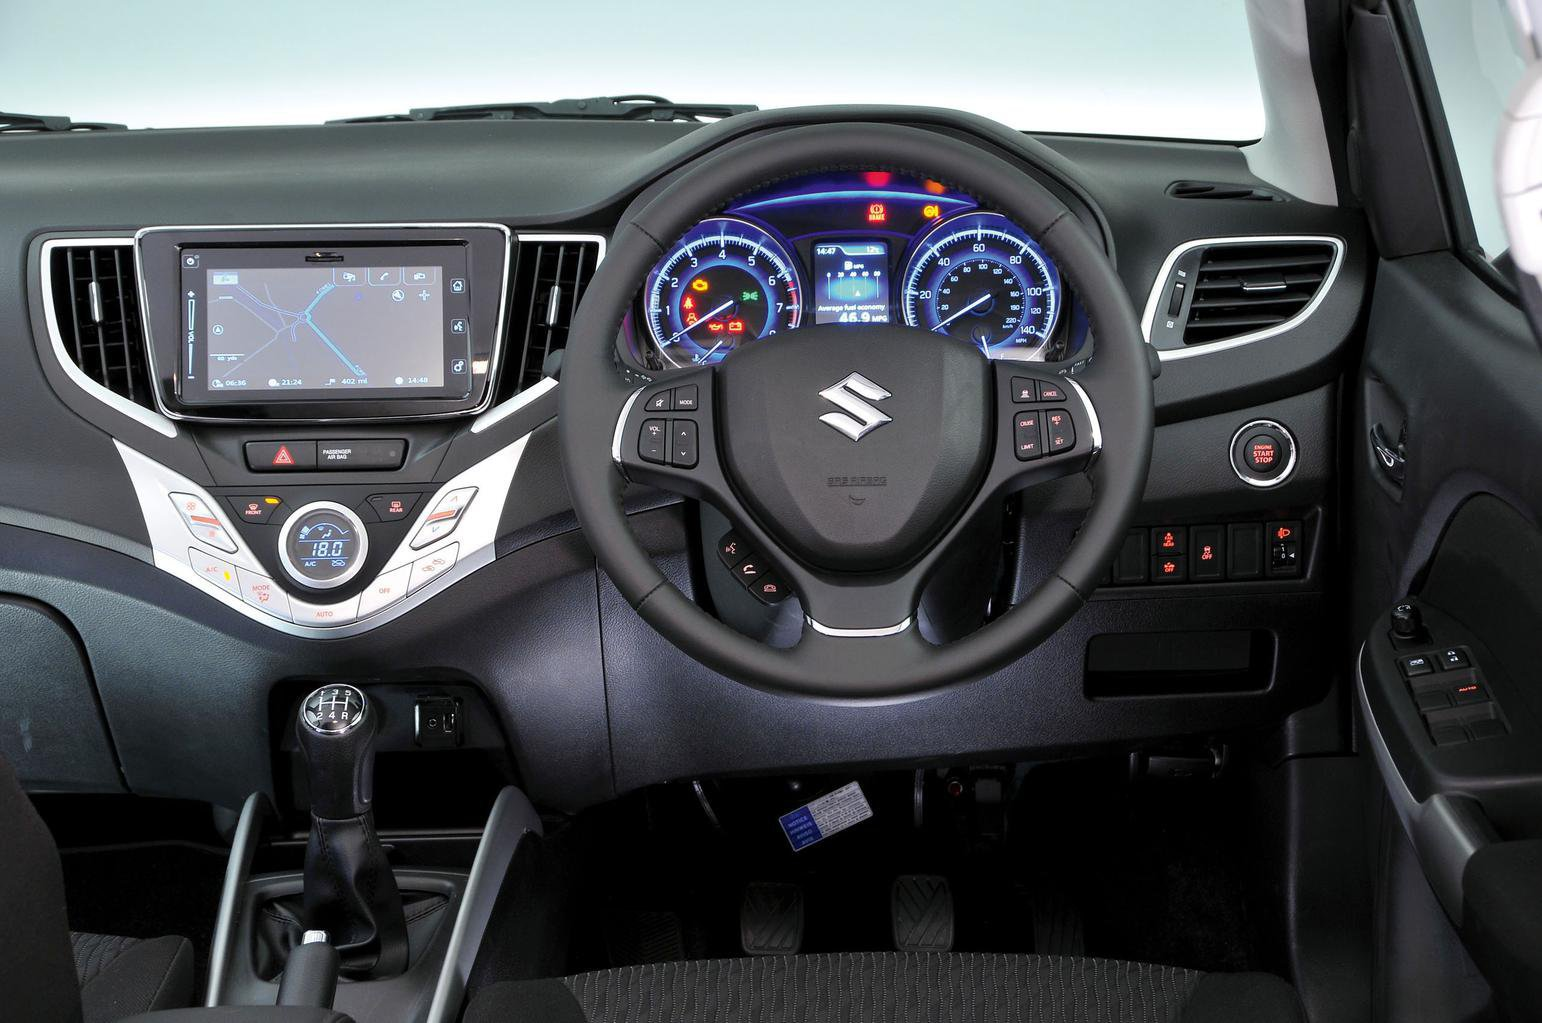 Suzuki Baleno 1.0 Boosterjet SZ-T - interior